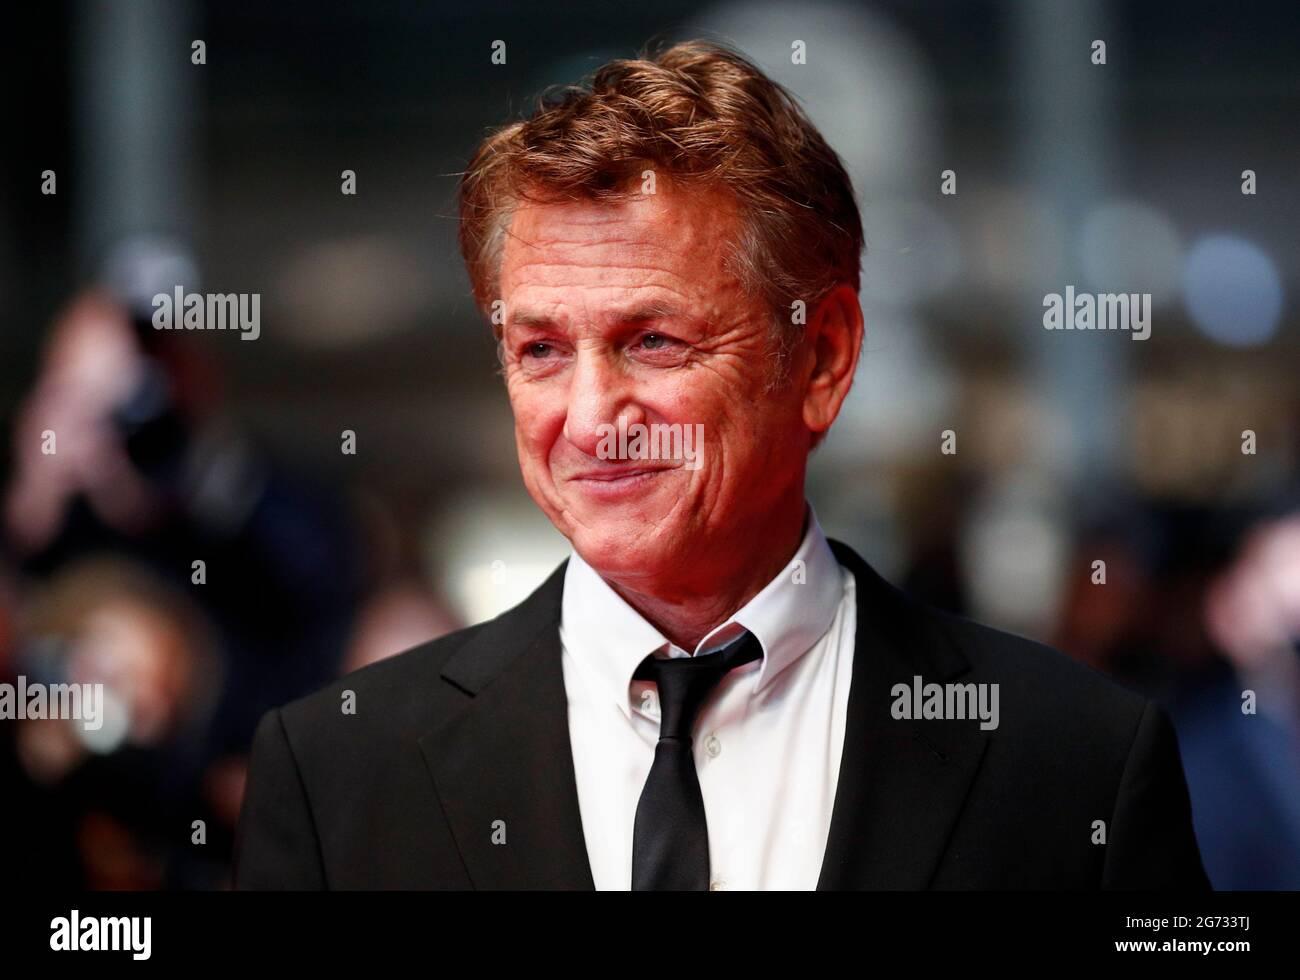 """Die 74. Filmfestspiele von Cannes - Vorführung des Films """"Flag Day"""" im Wettbewerb - Ankunft des Roten Teppichs - Cannes, Frankreich, 10. Juli 2021. Regisseur Sean Penn posiert. REUTERS/Johanna Geron Stockfoto"""